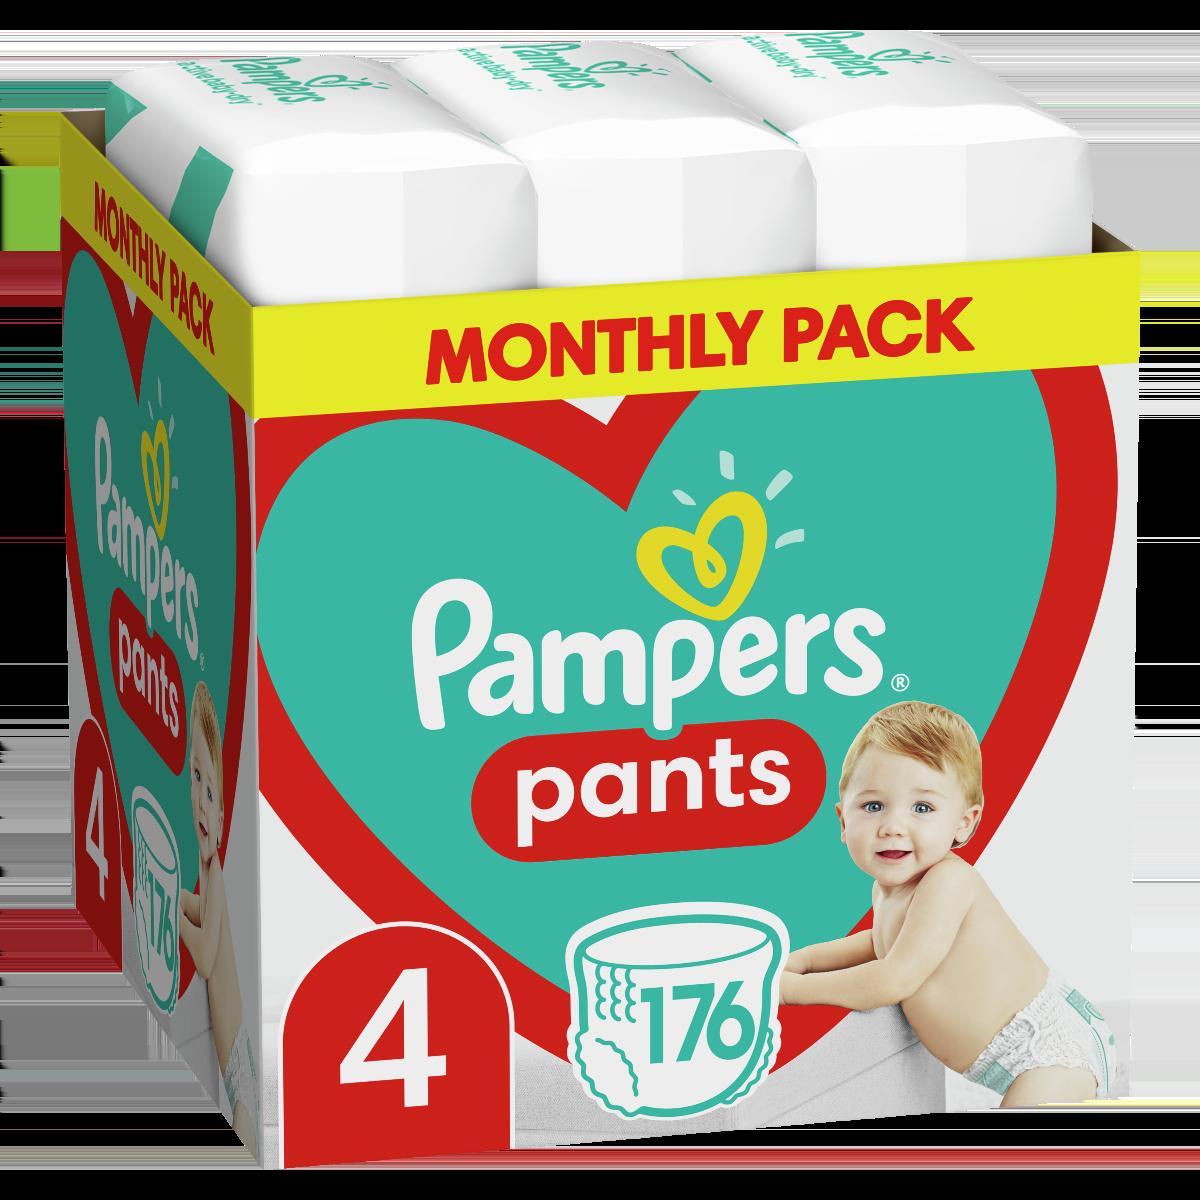 Πάνες Pampers Pants Monthly Pack Νο4 (9-15kg) 176τεμ